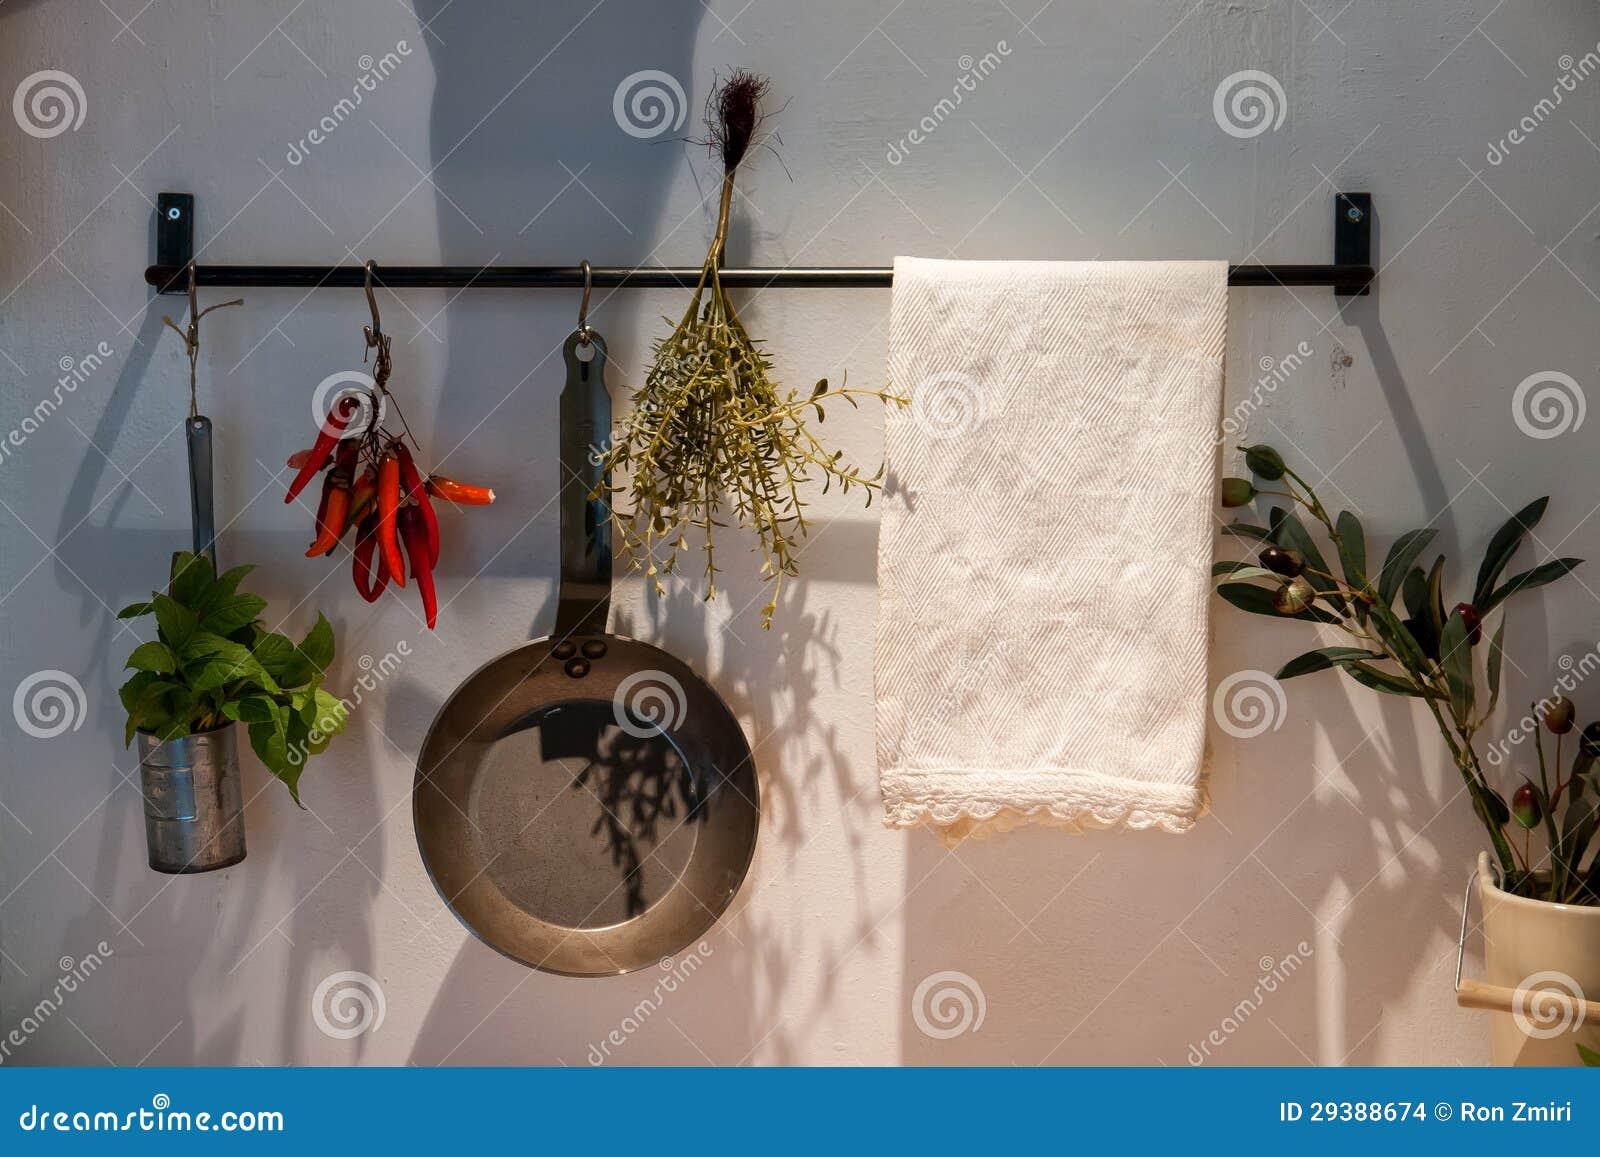 Küchendekoration Mit Hängenden Potenziometern Und Wannen ... | {Küchendekoration 14}